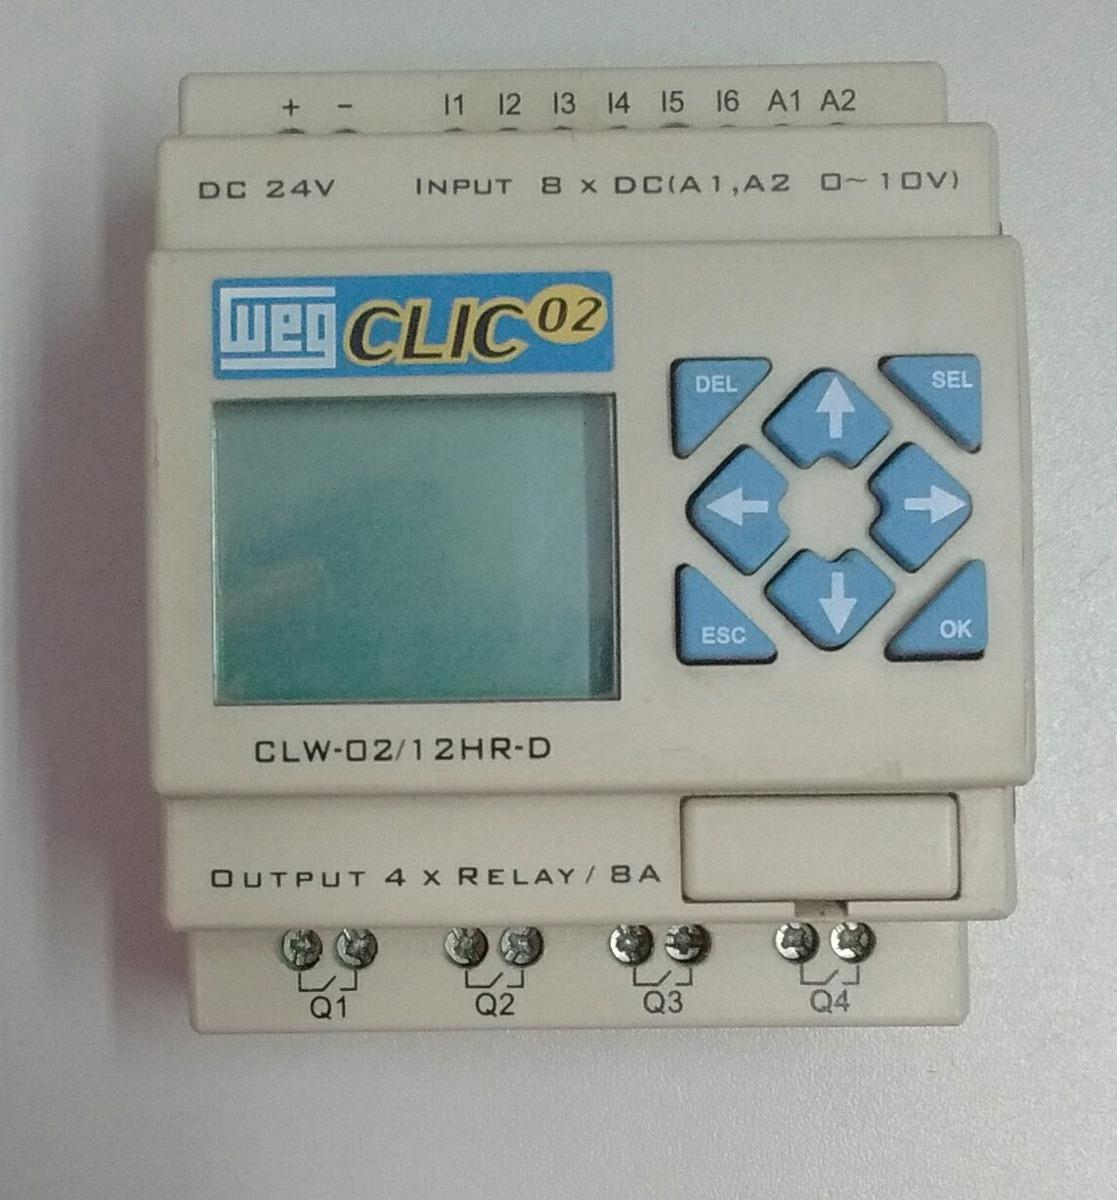 b1e5e02281e clp clic02 weg clw-02 12hr-d. Carregando zoom.